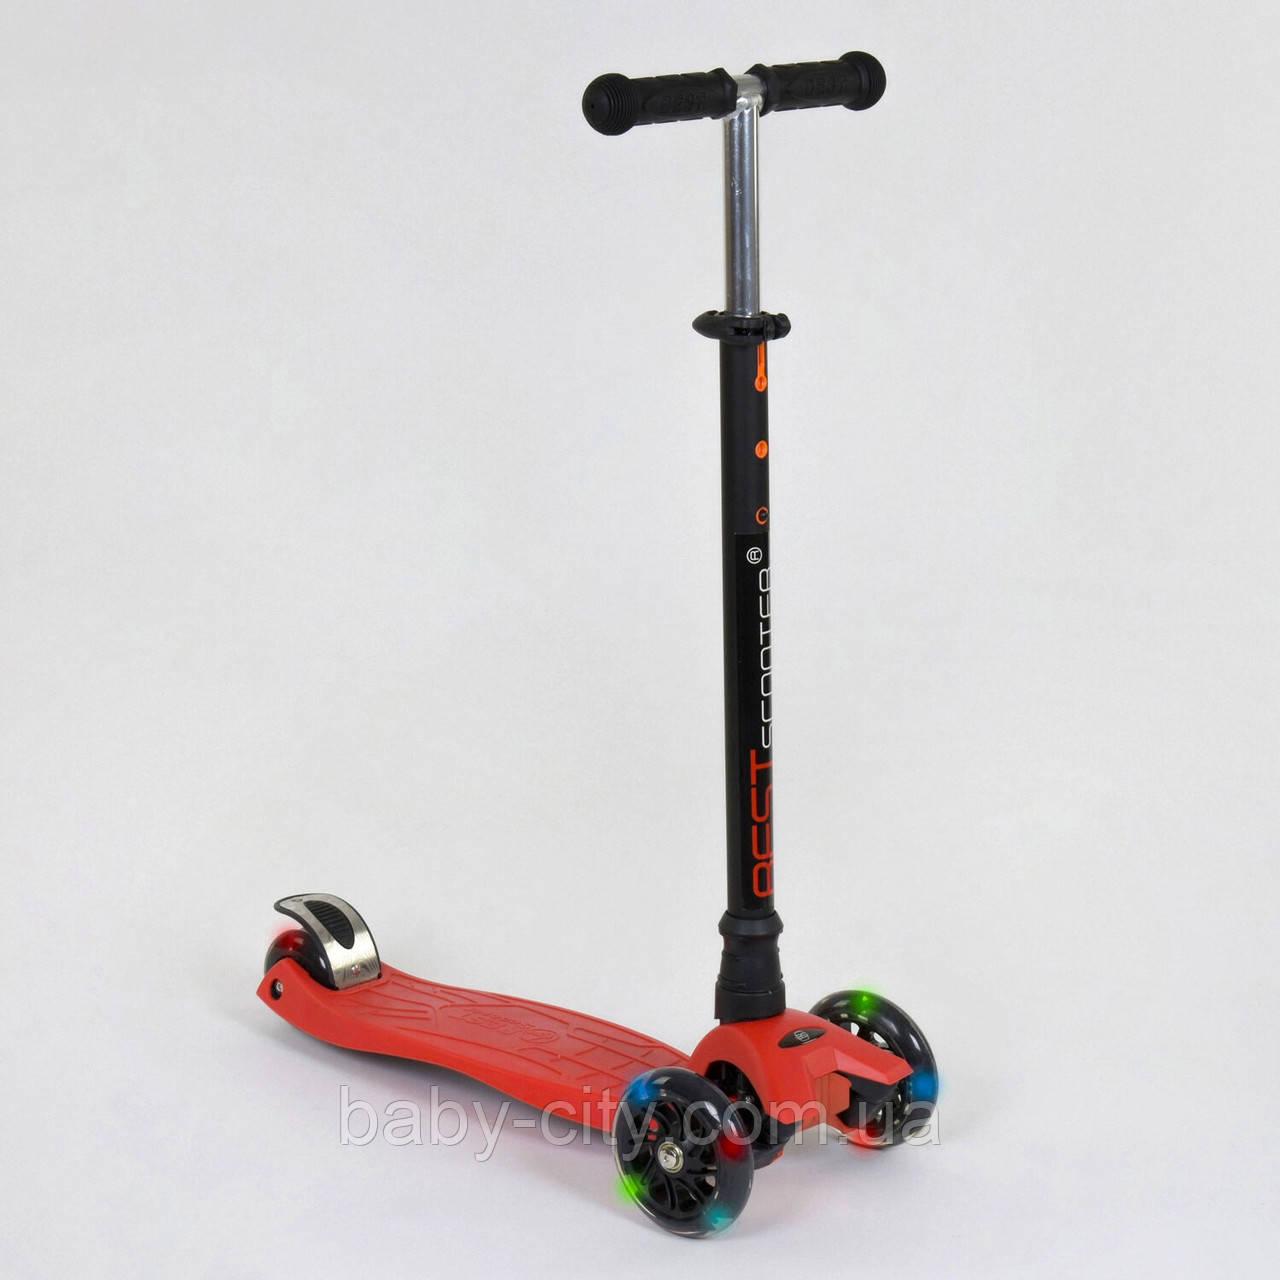 Самокат детский трехколесный Best Scooter Maxi 466-113 / А 24902 красный